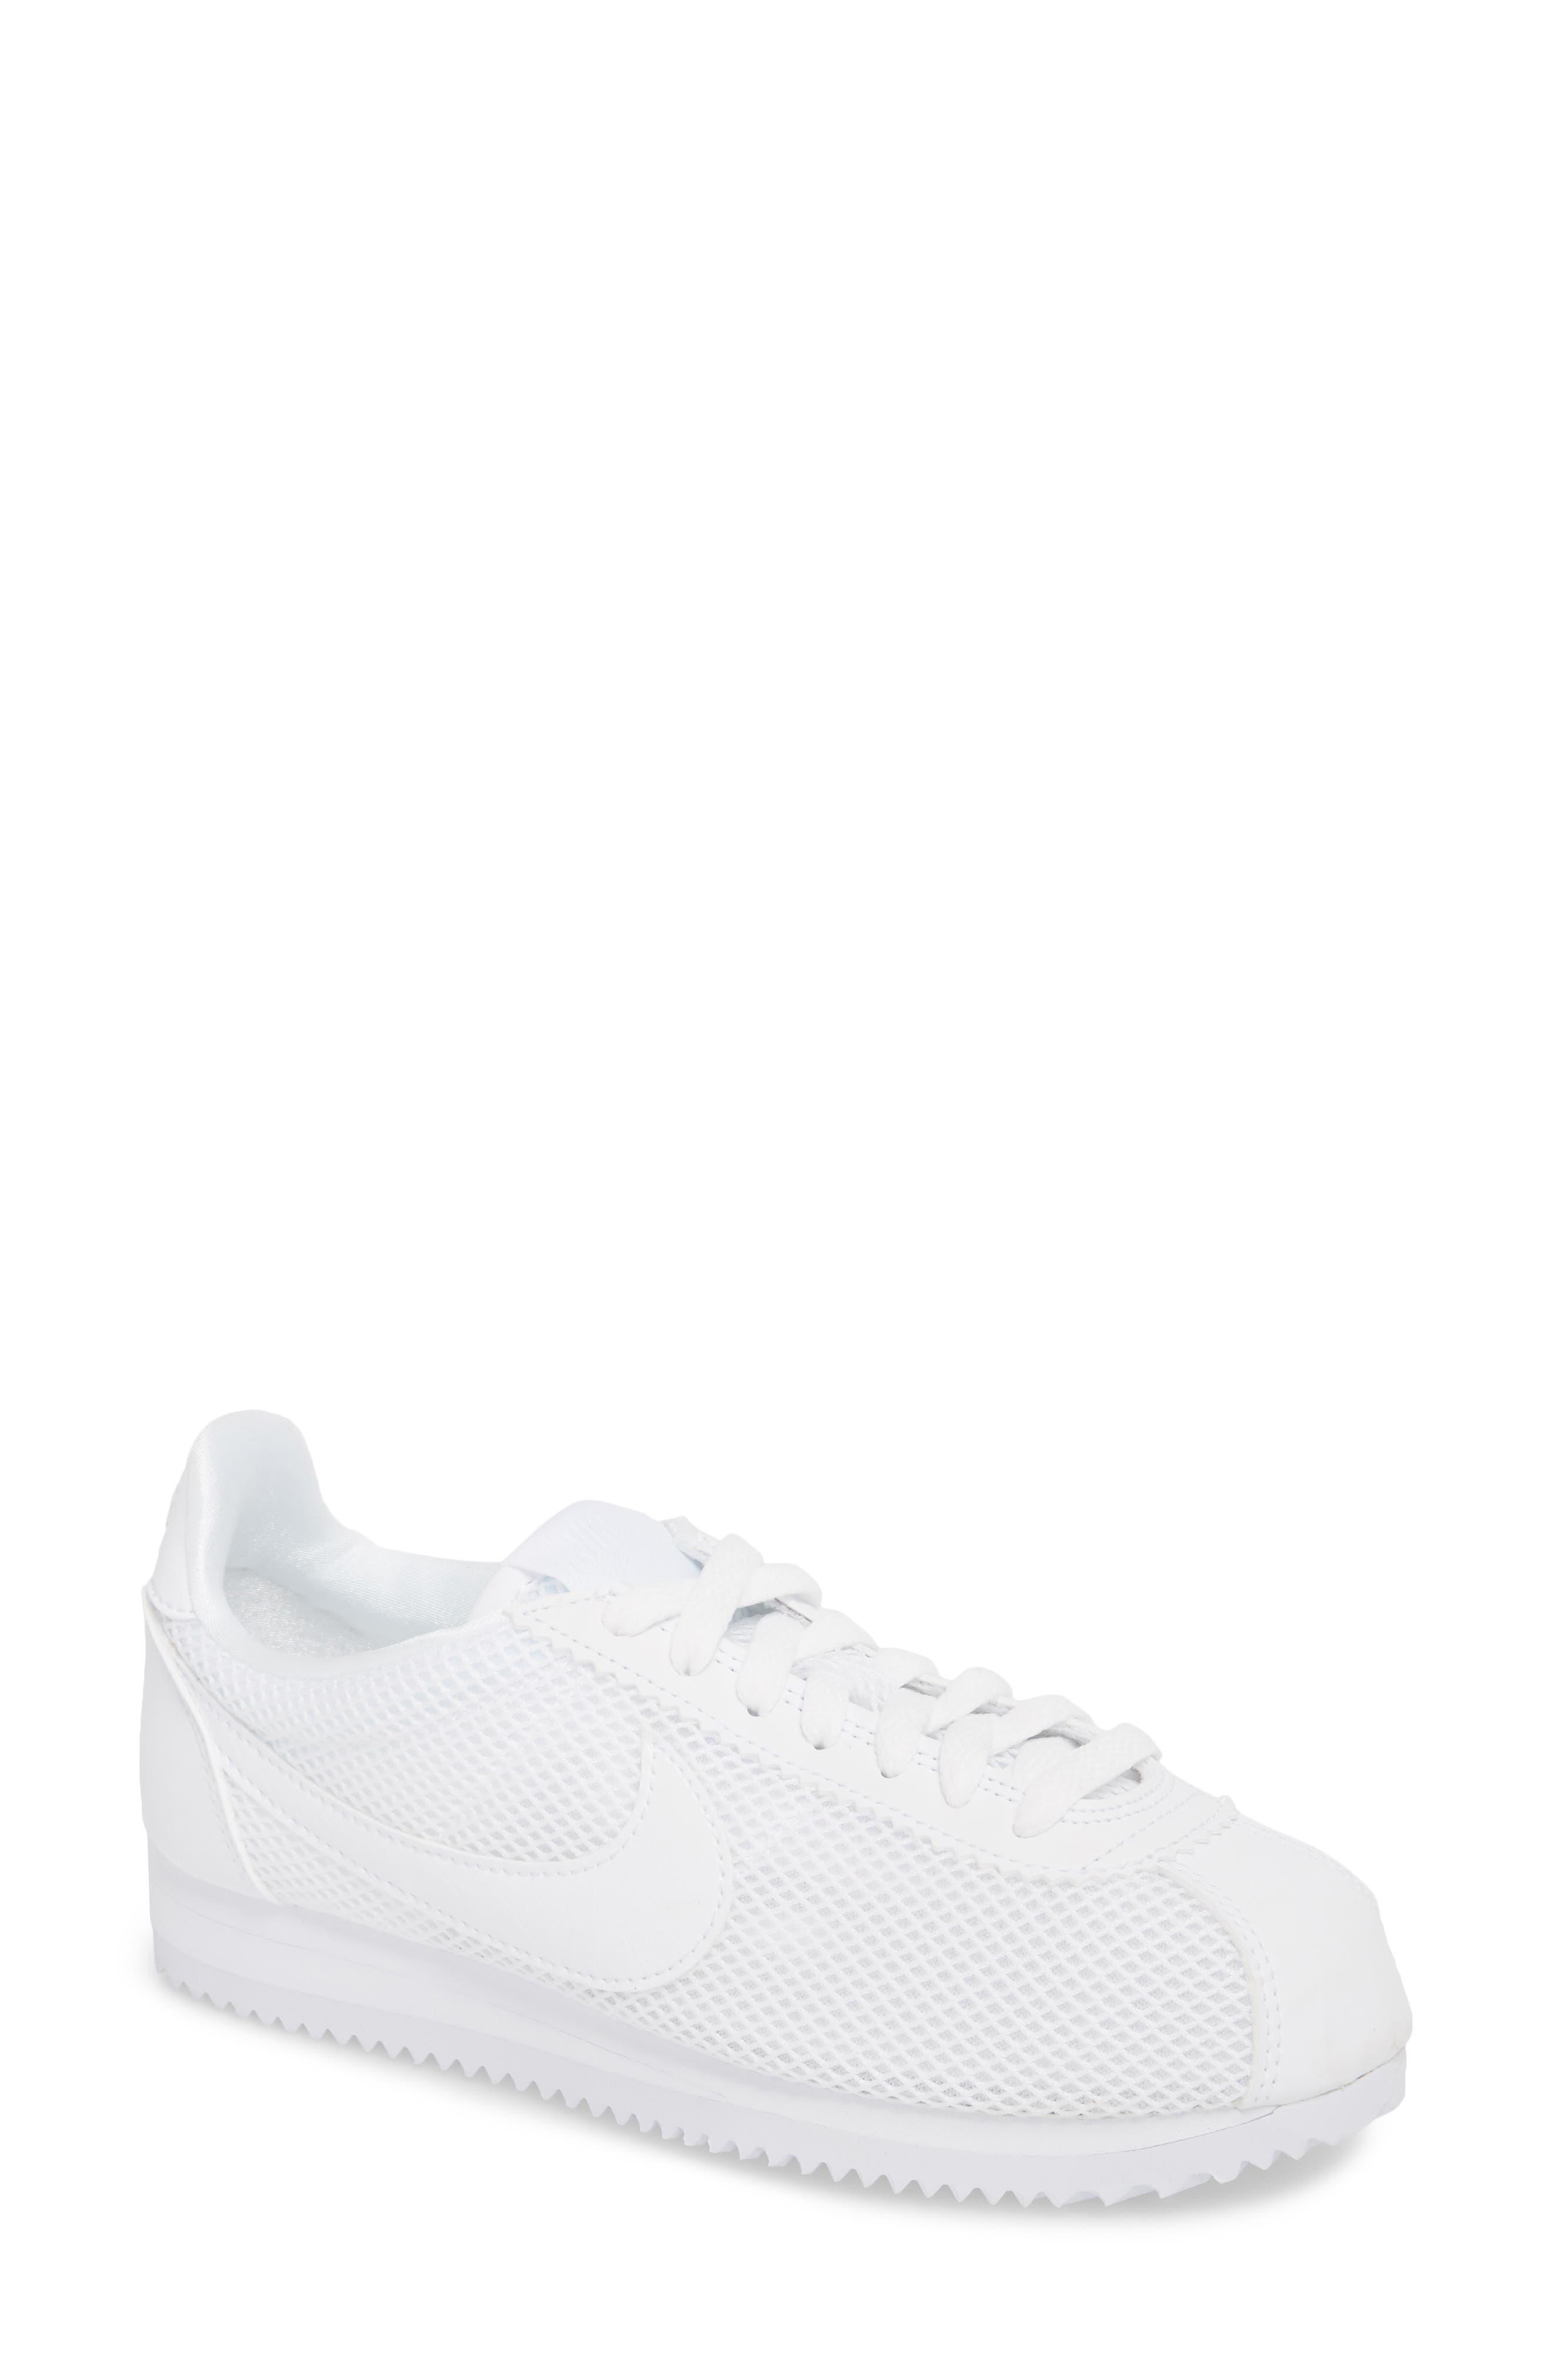 Classic Cortez Premium XLV Sneaker,                         Main,                         color, White/ White